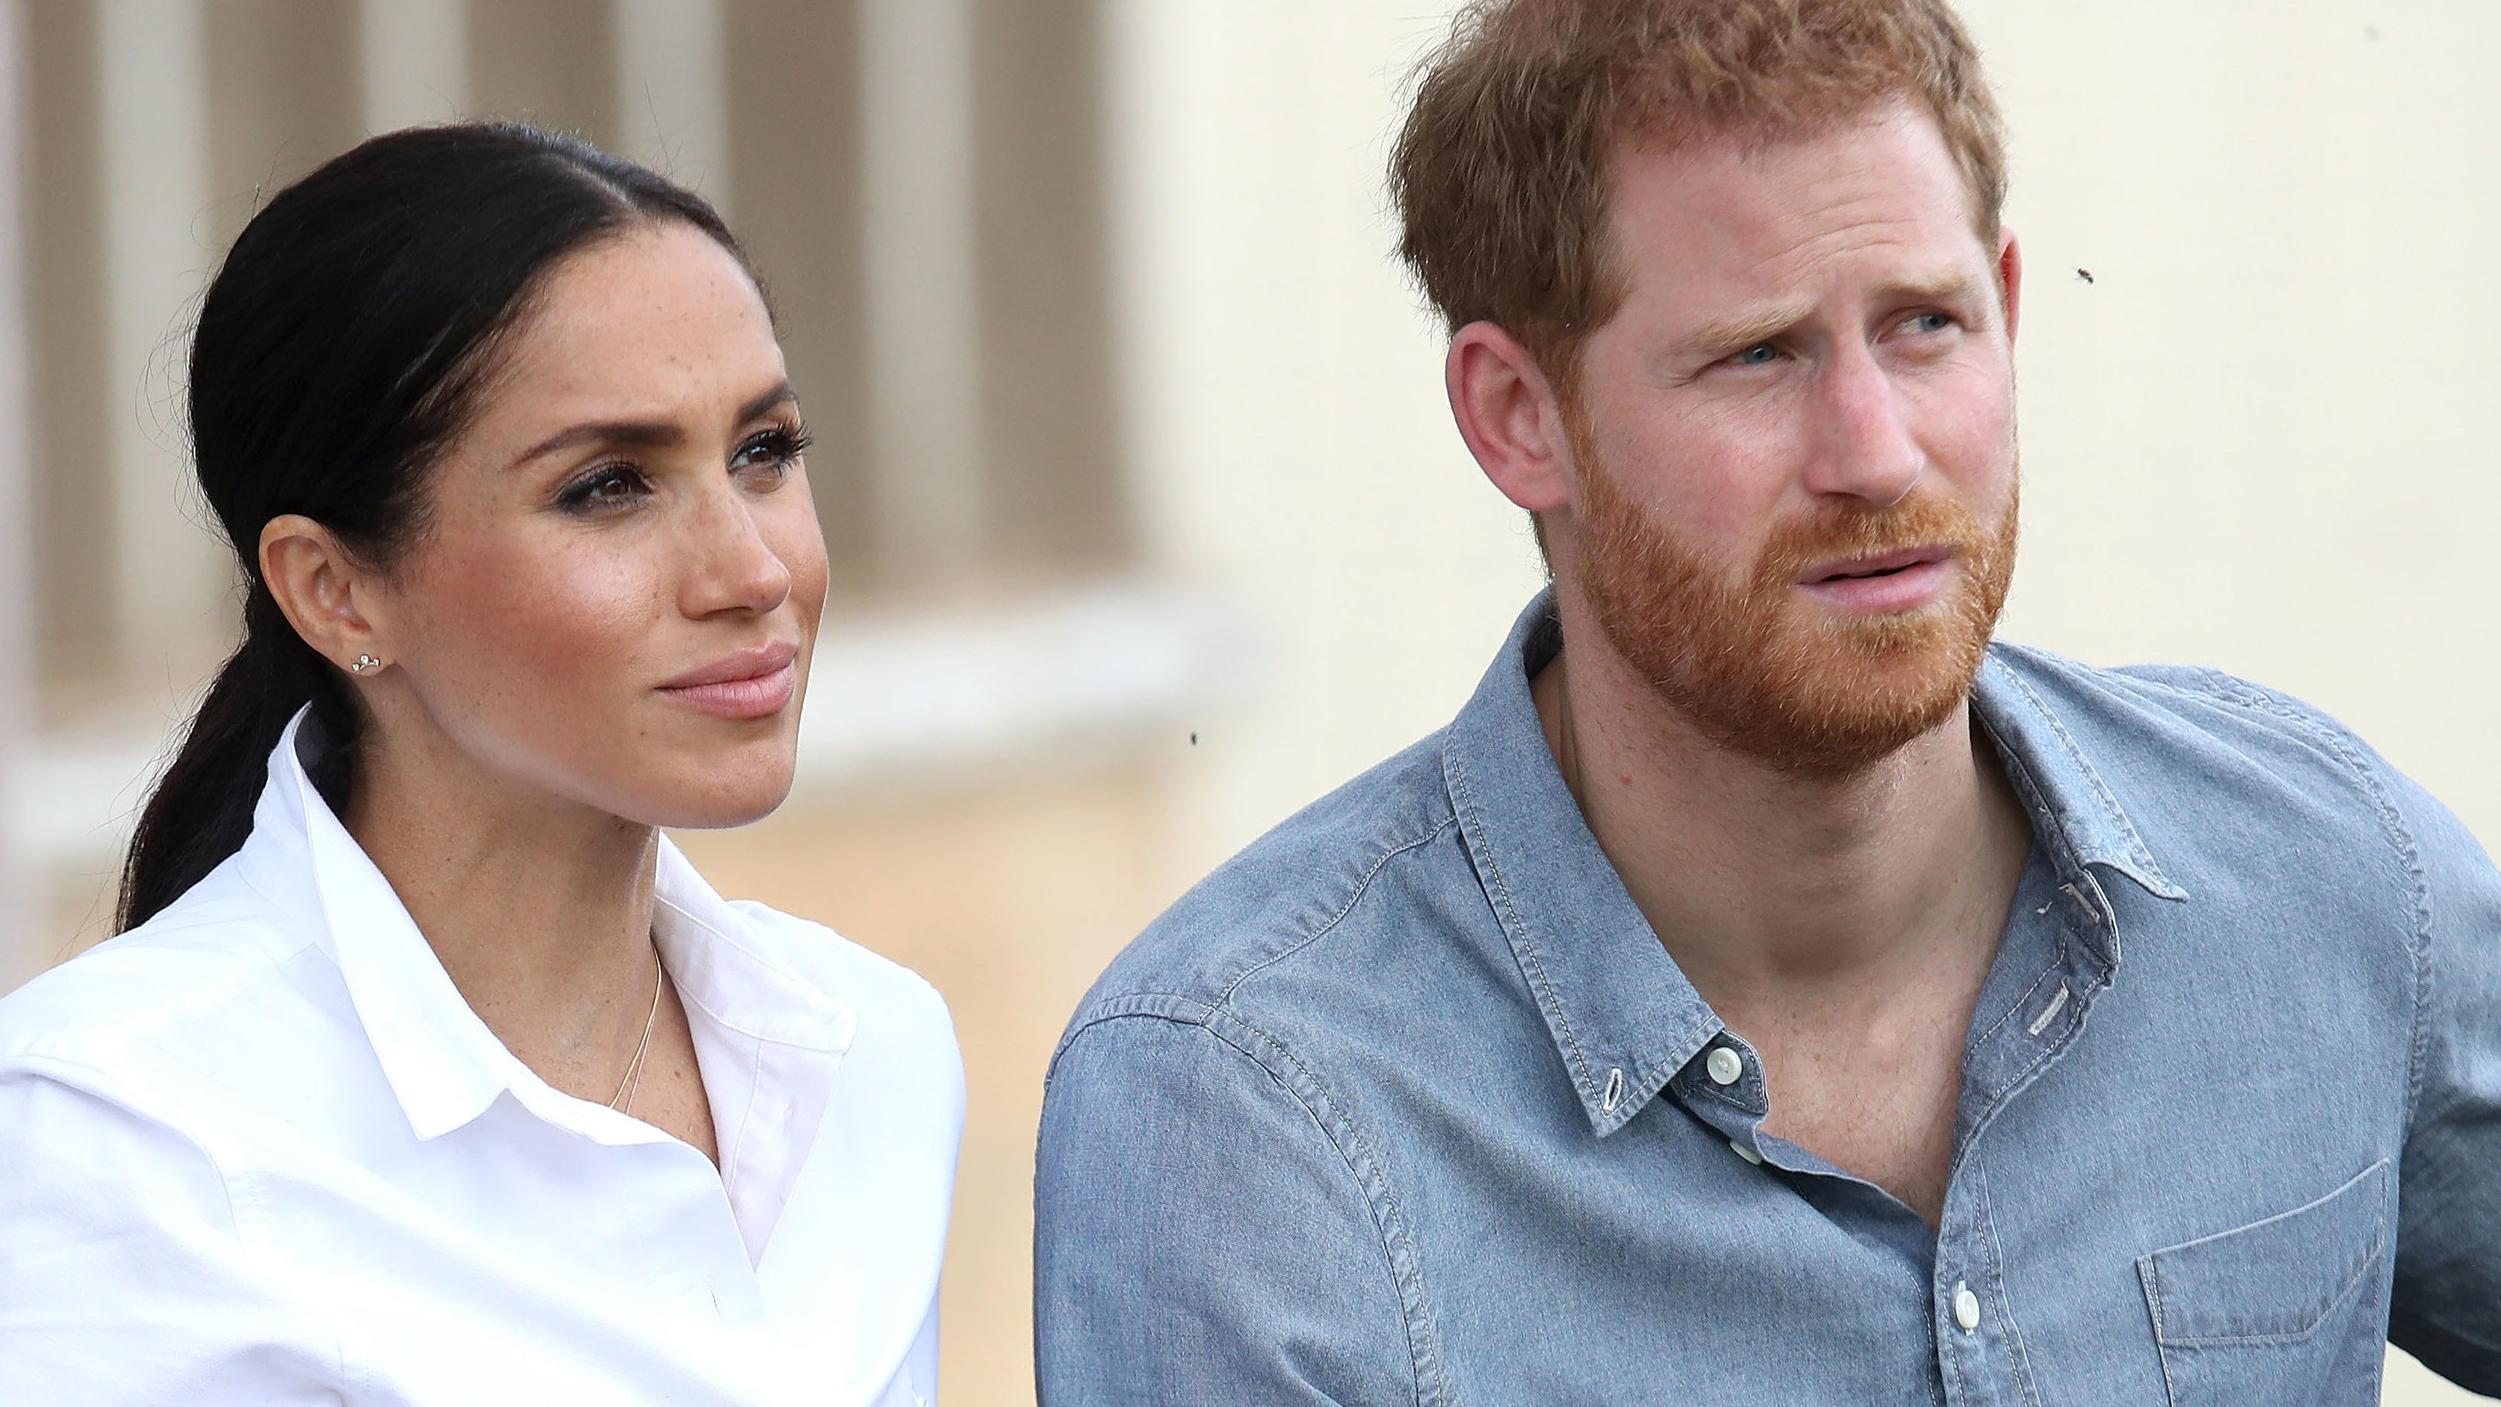 Prinz Harry & Herzogin Meghan: Palastmitarbeiter fordern, dass sie ihre royalen Titel abgeben